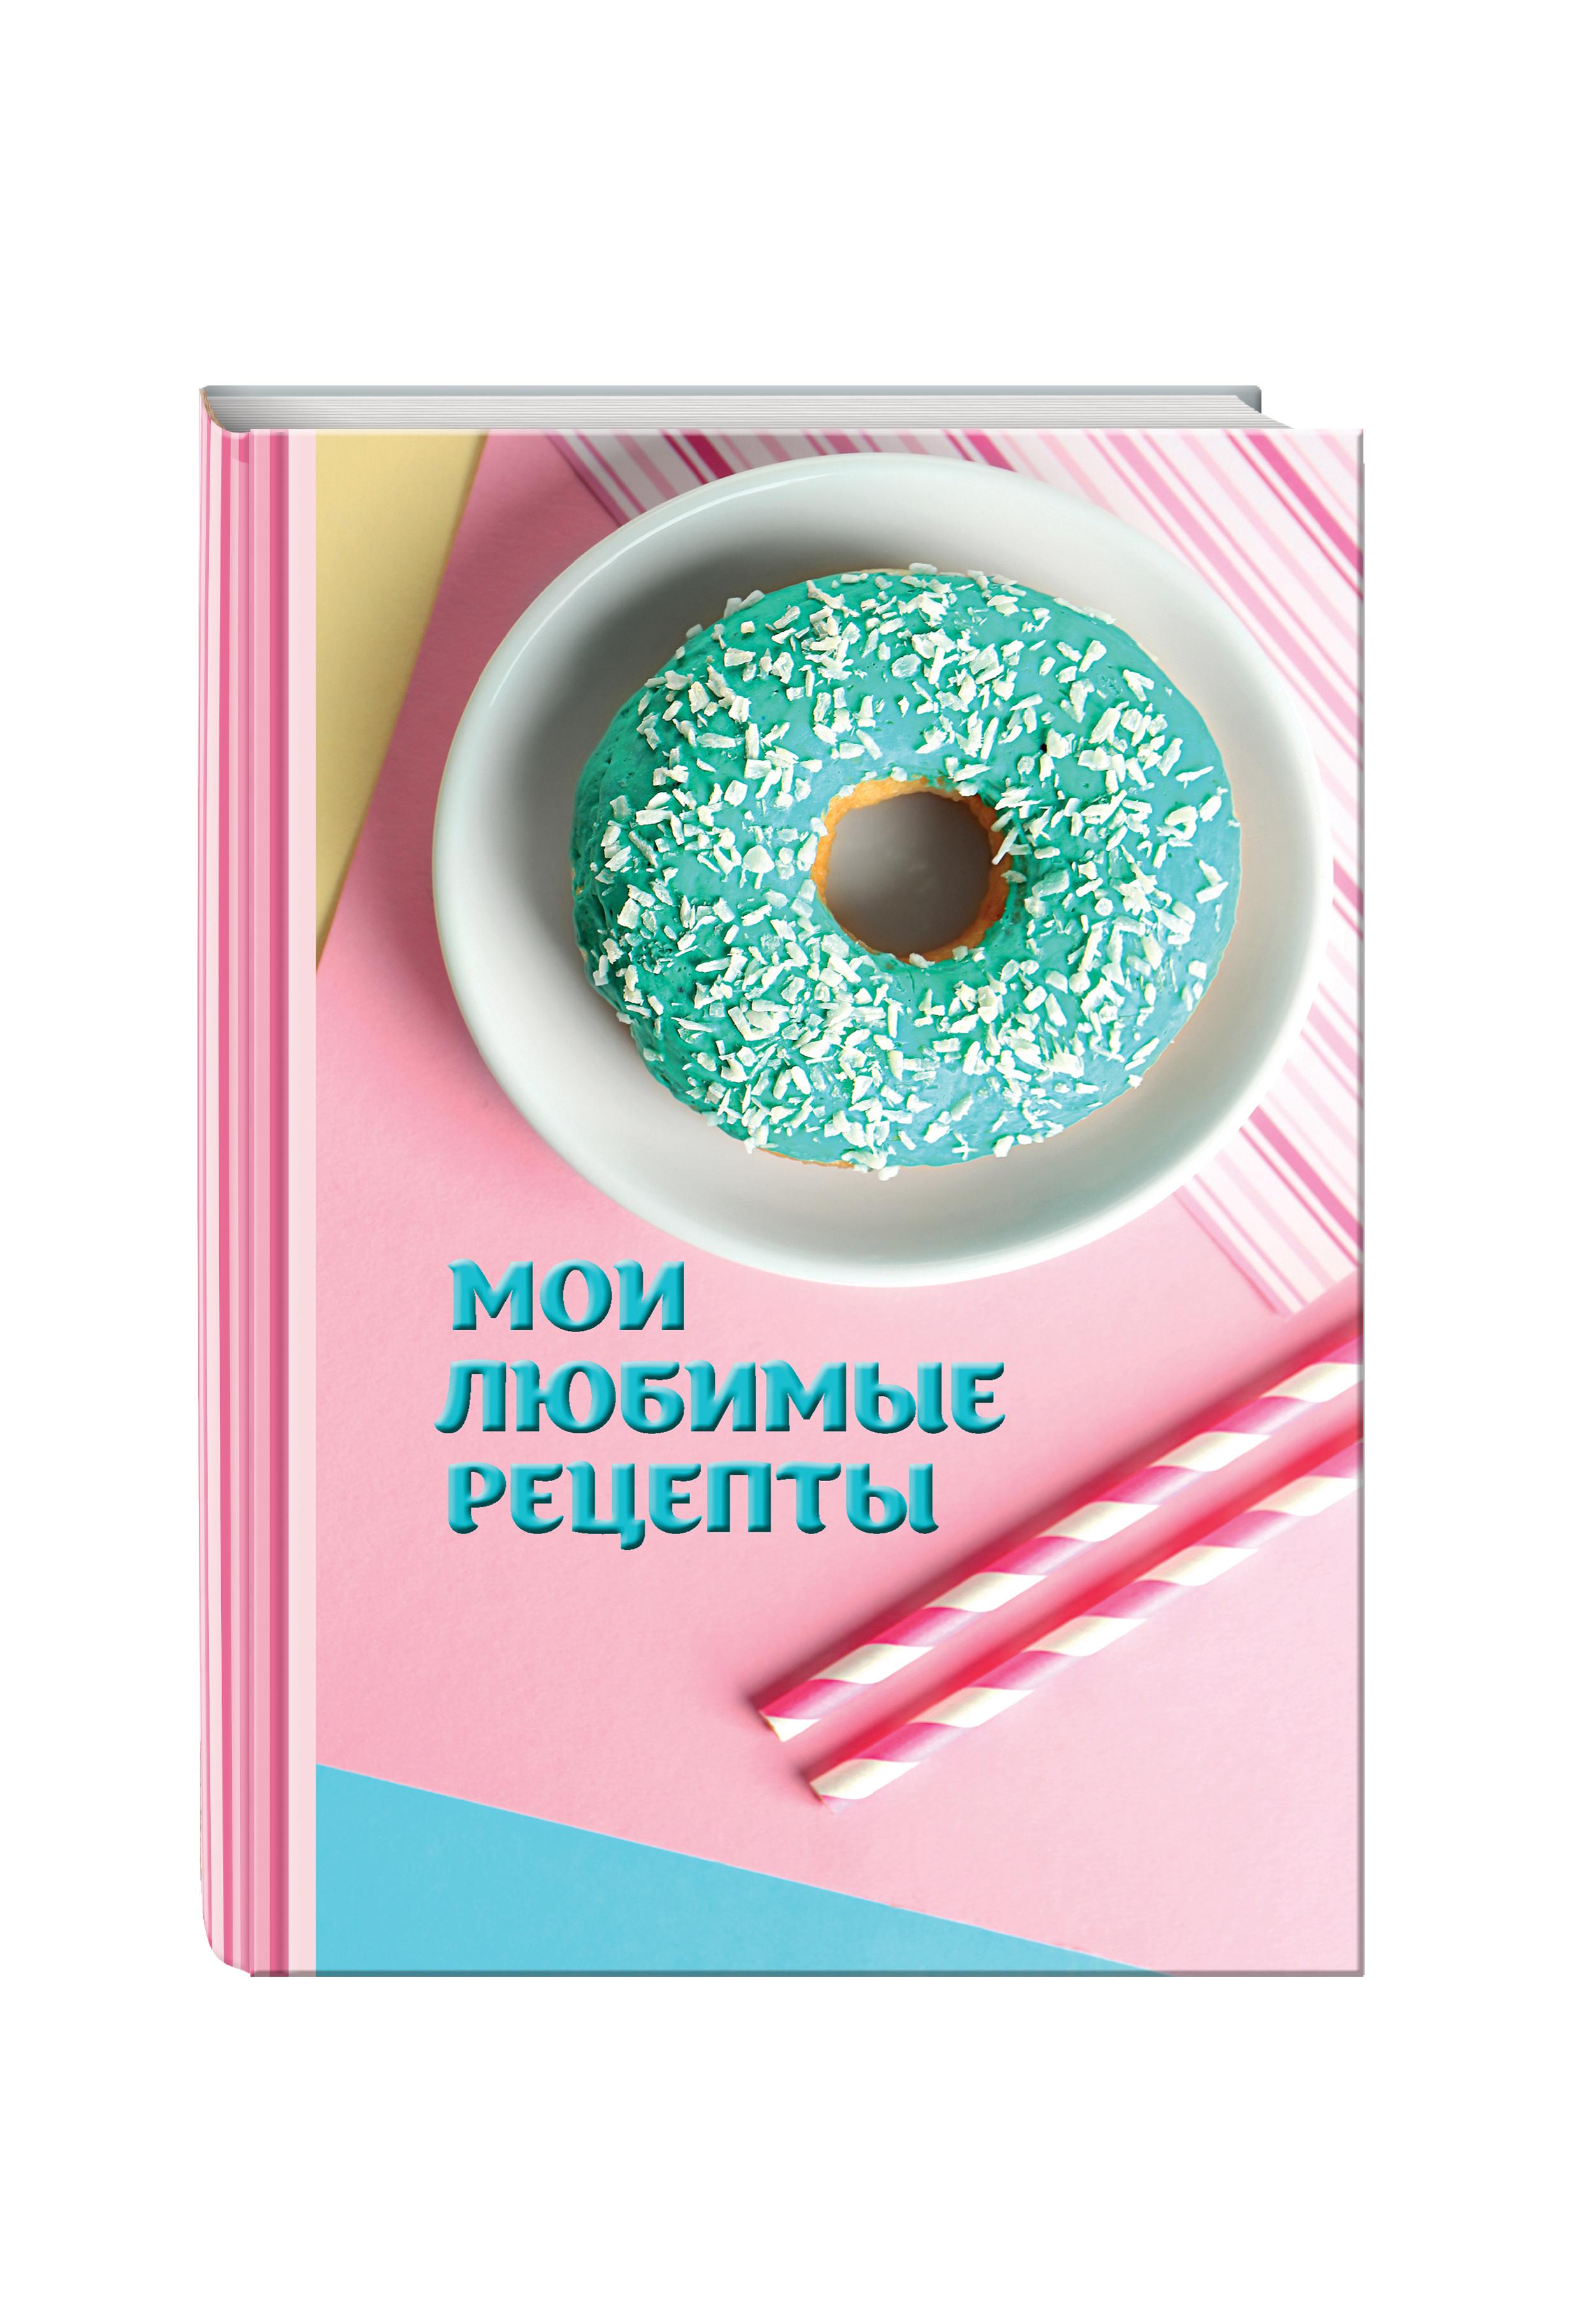 Мои любимые рецепты. Книга для записи рецептов (а5_Пончики) книга рецептов